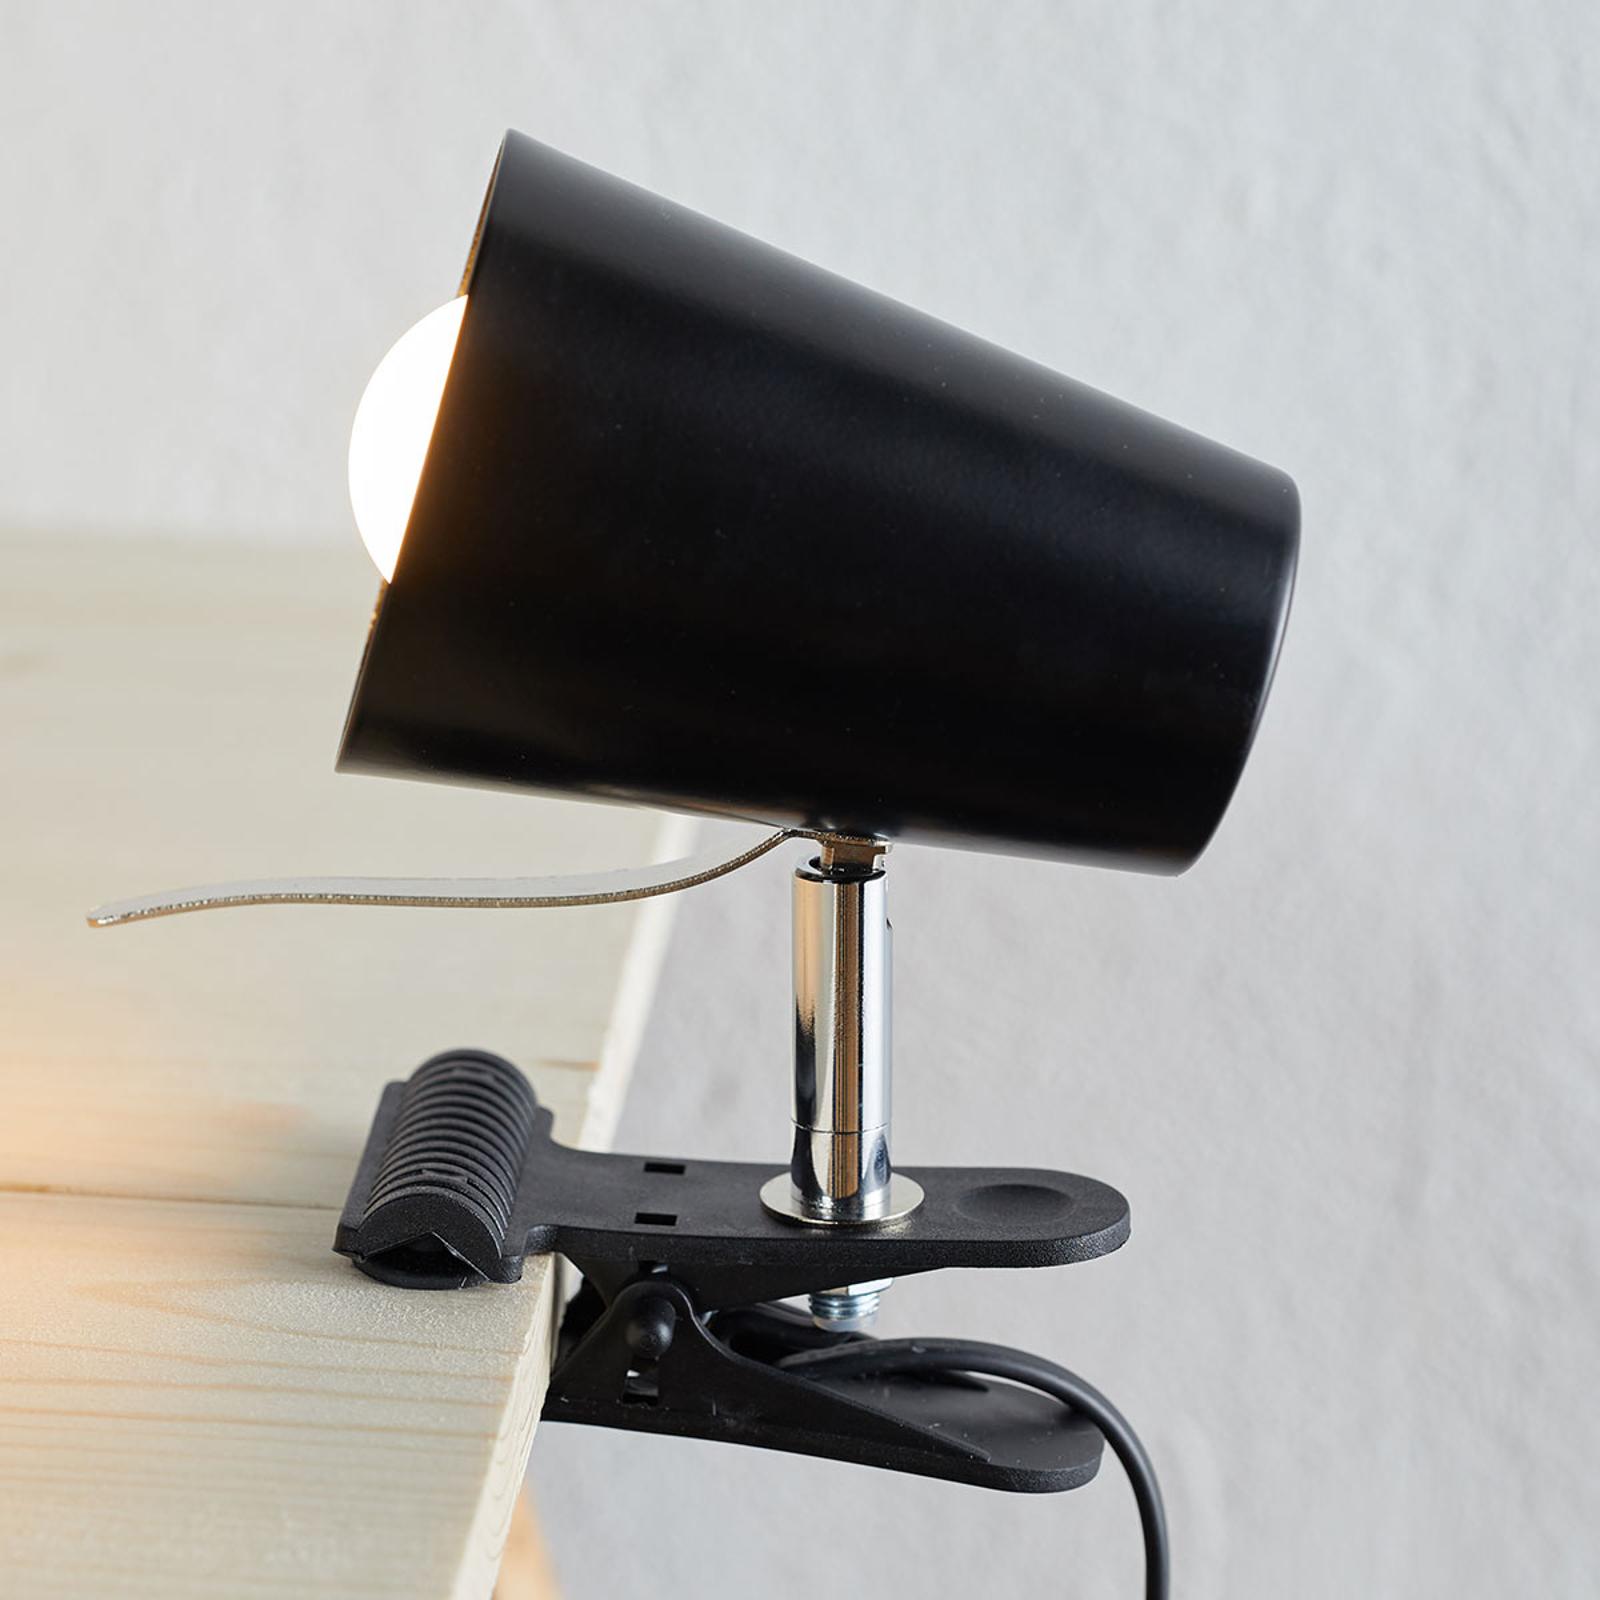 Musta klipsivalaisin Clampspots, moderni design